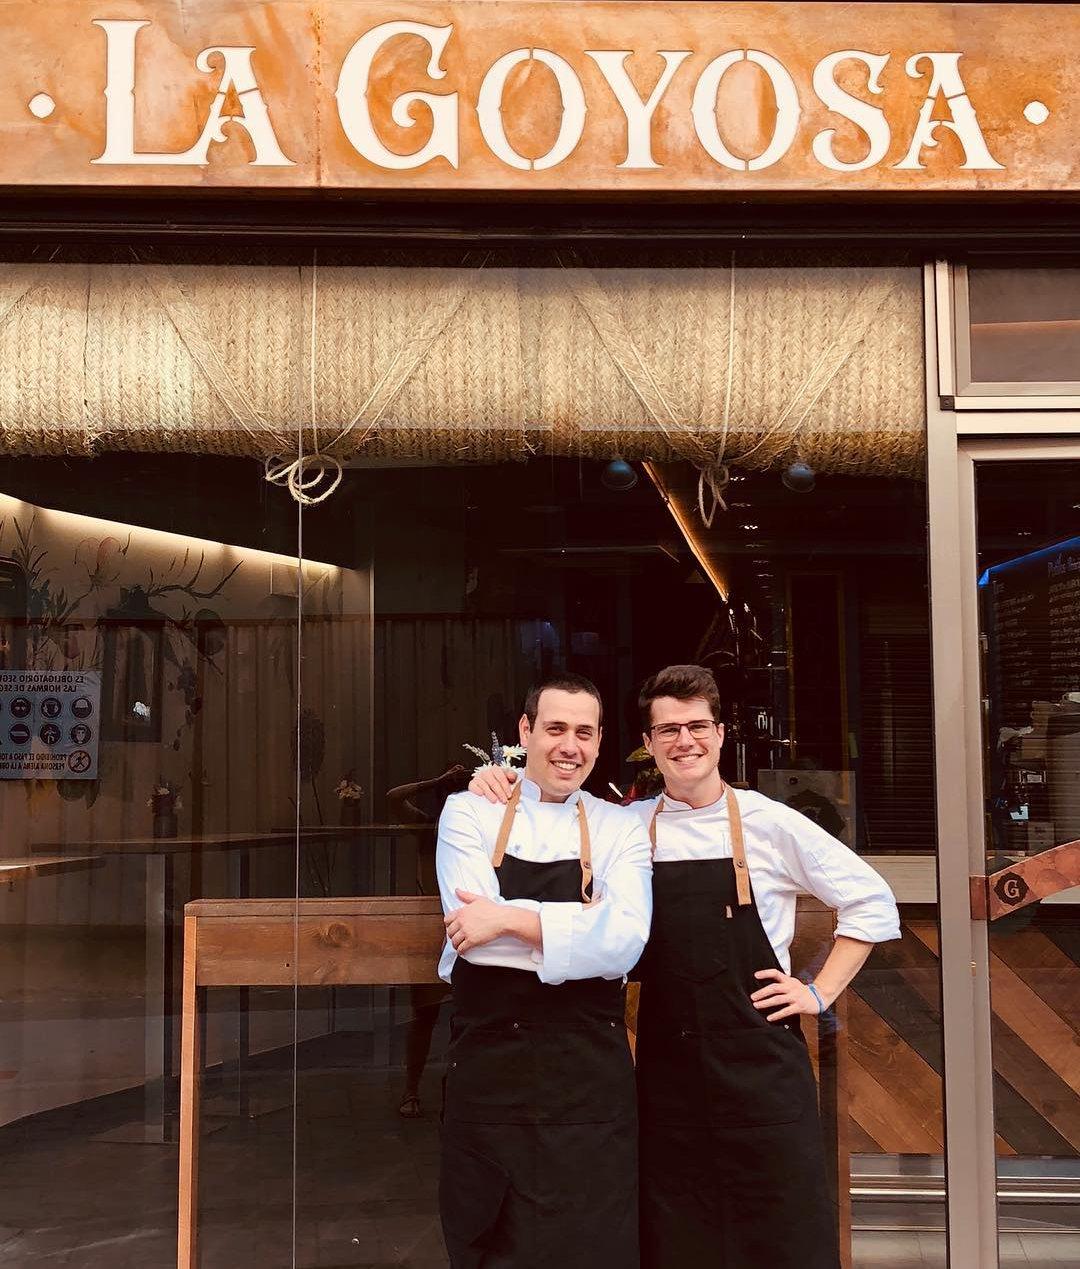 La Goyosa - Mateo Sierra (derecha) y un compañero de cocina.